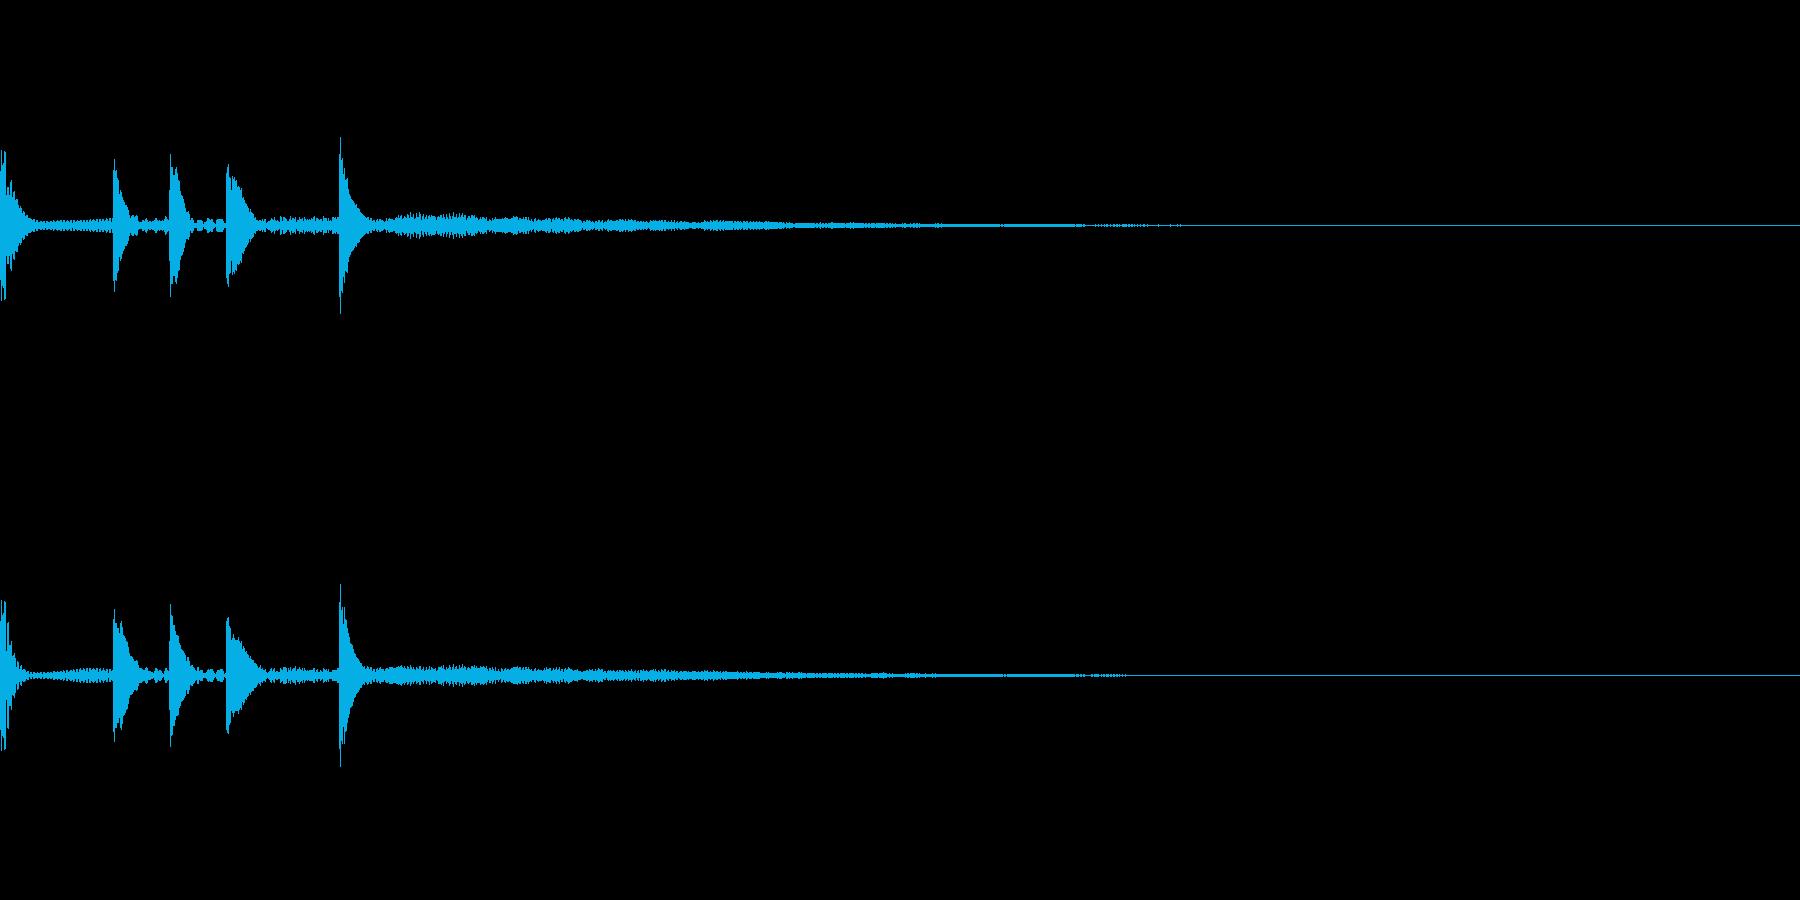 ゲームクリア、レベルアップ、決定音の再生済みの波形